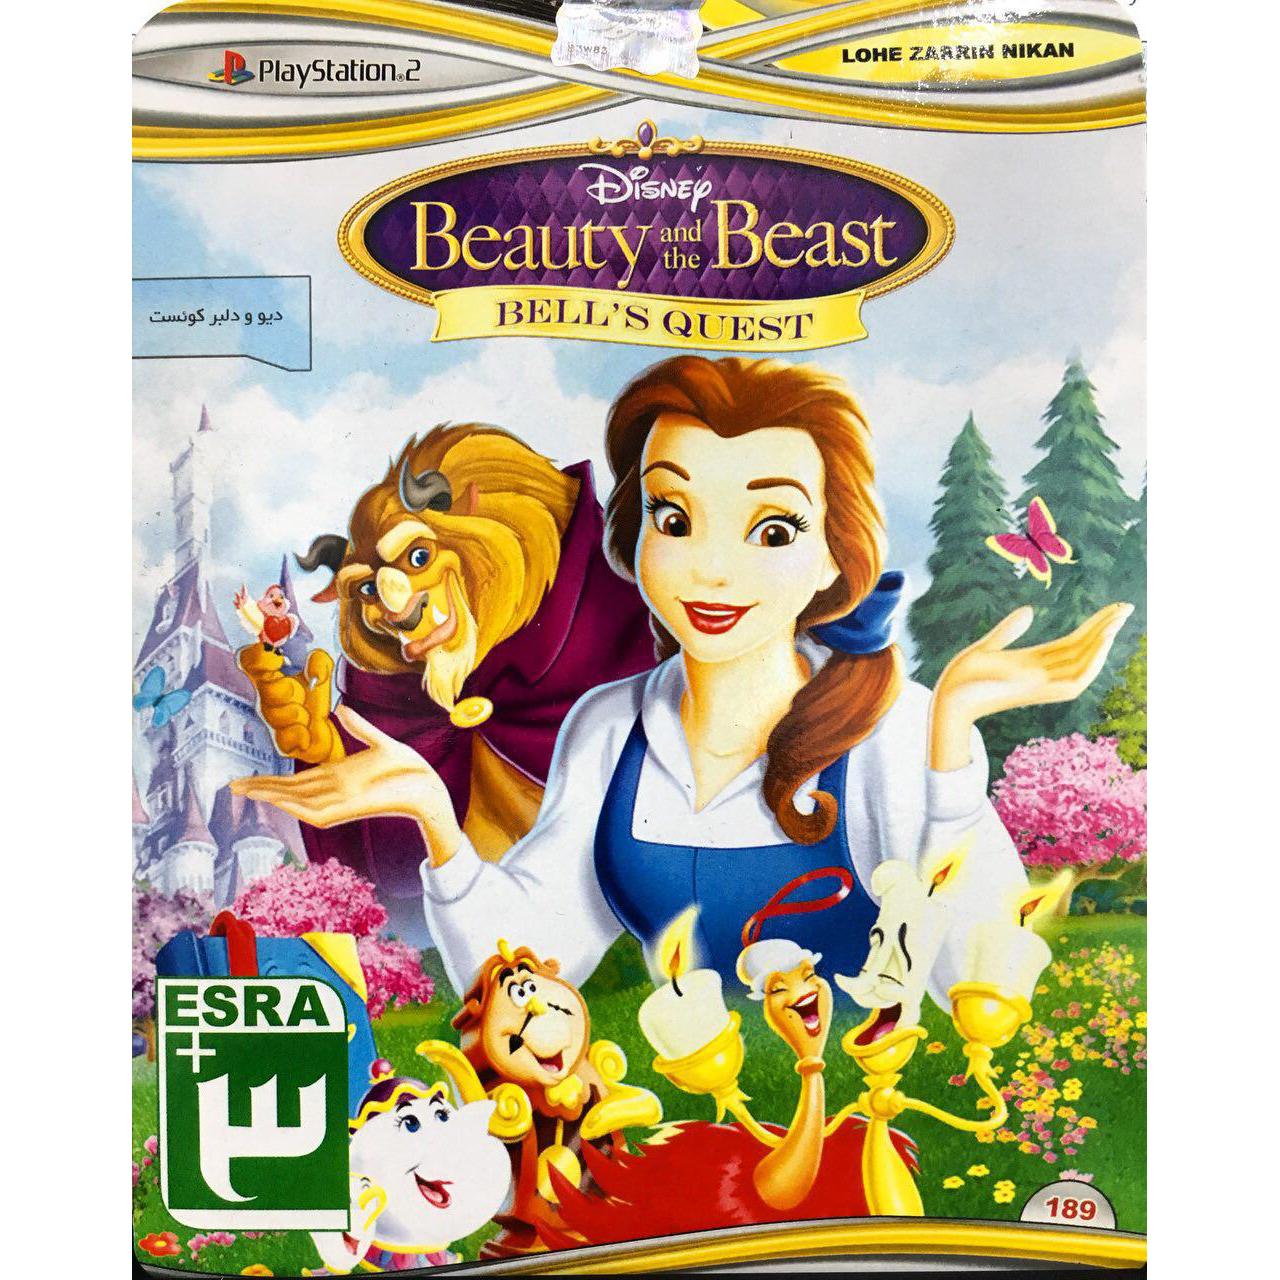 بررسی و {خرید با تخفیف} بازی Beauty and the Beast BELL'S QUEST مخصوص پلی استیشن 2 اصل